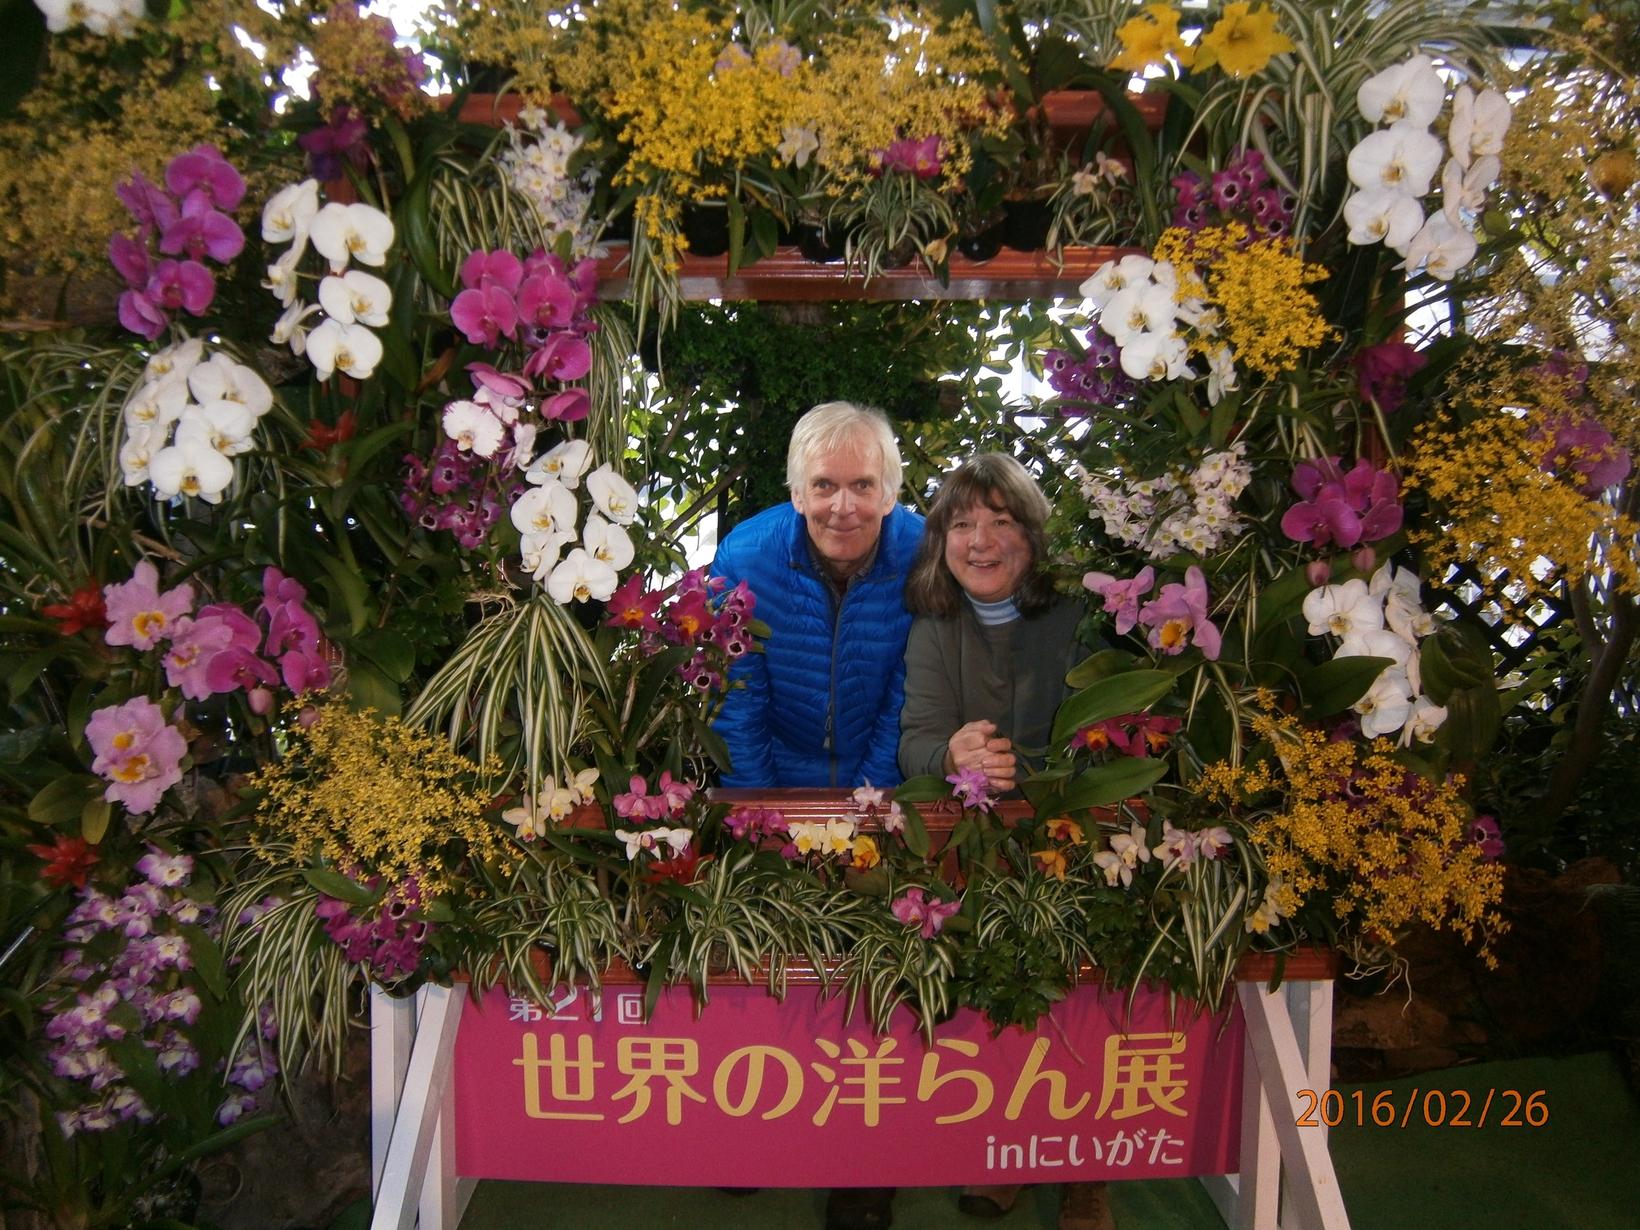 Carolyn & James from Seattle, Washington, United States